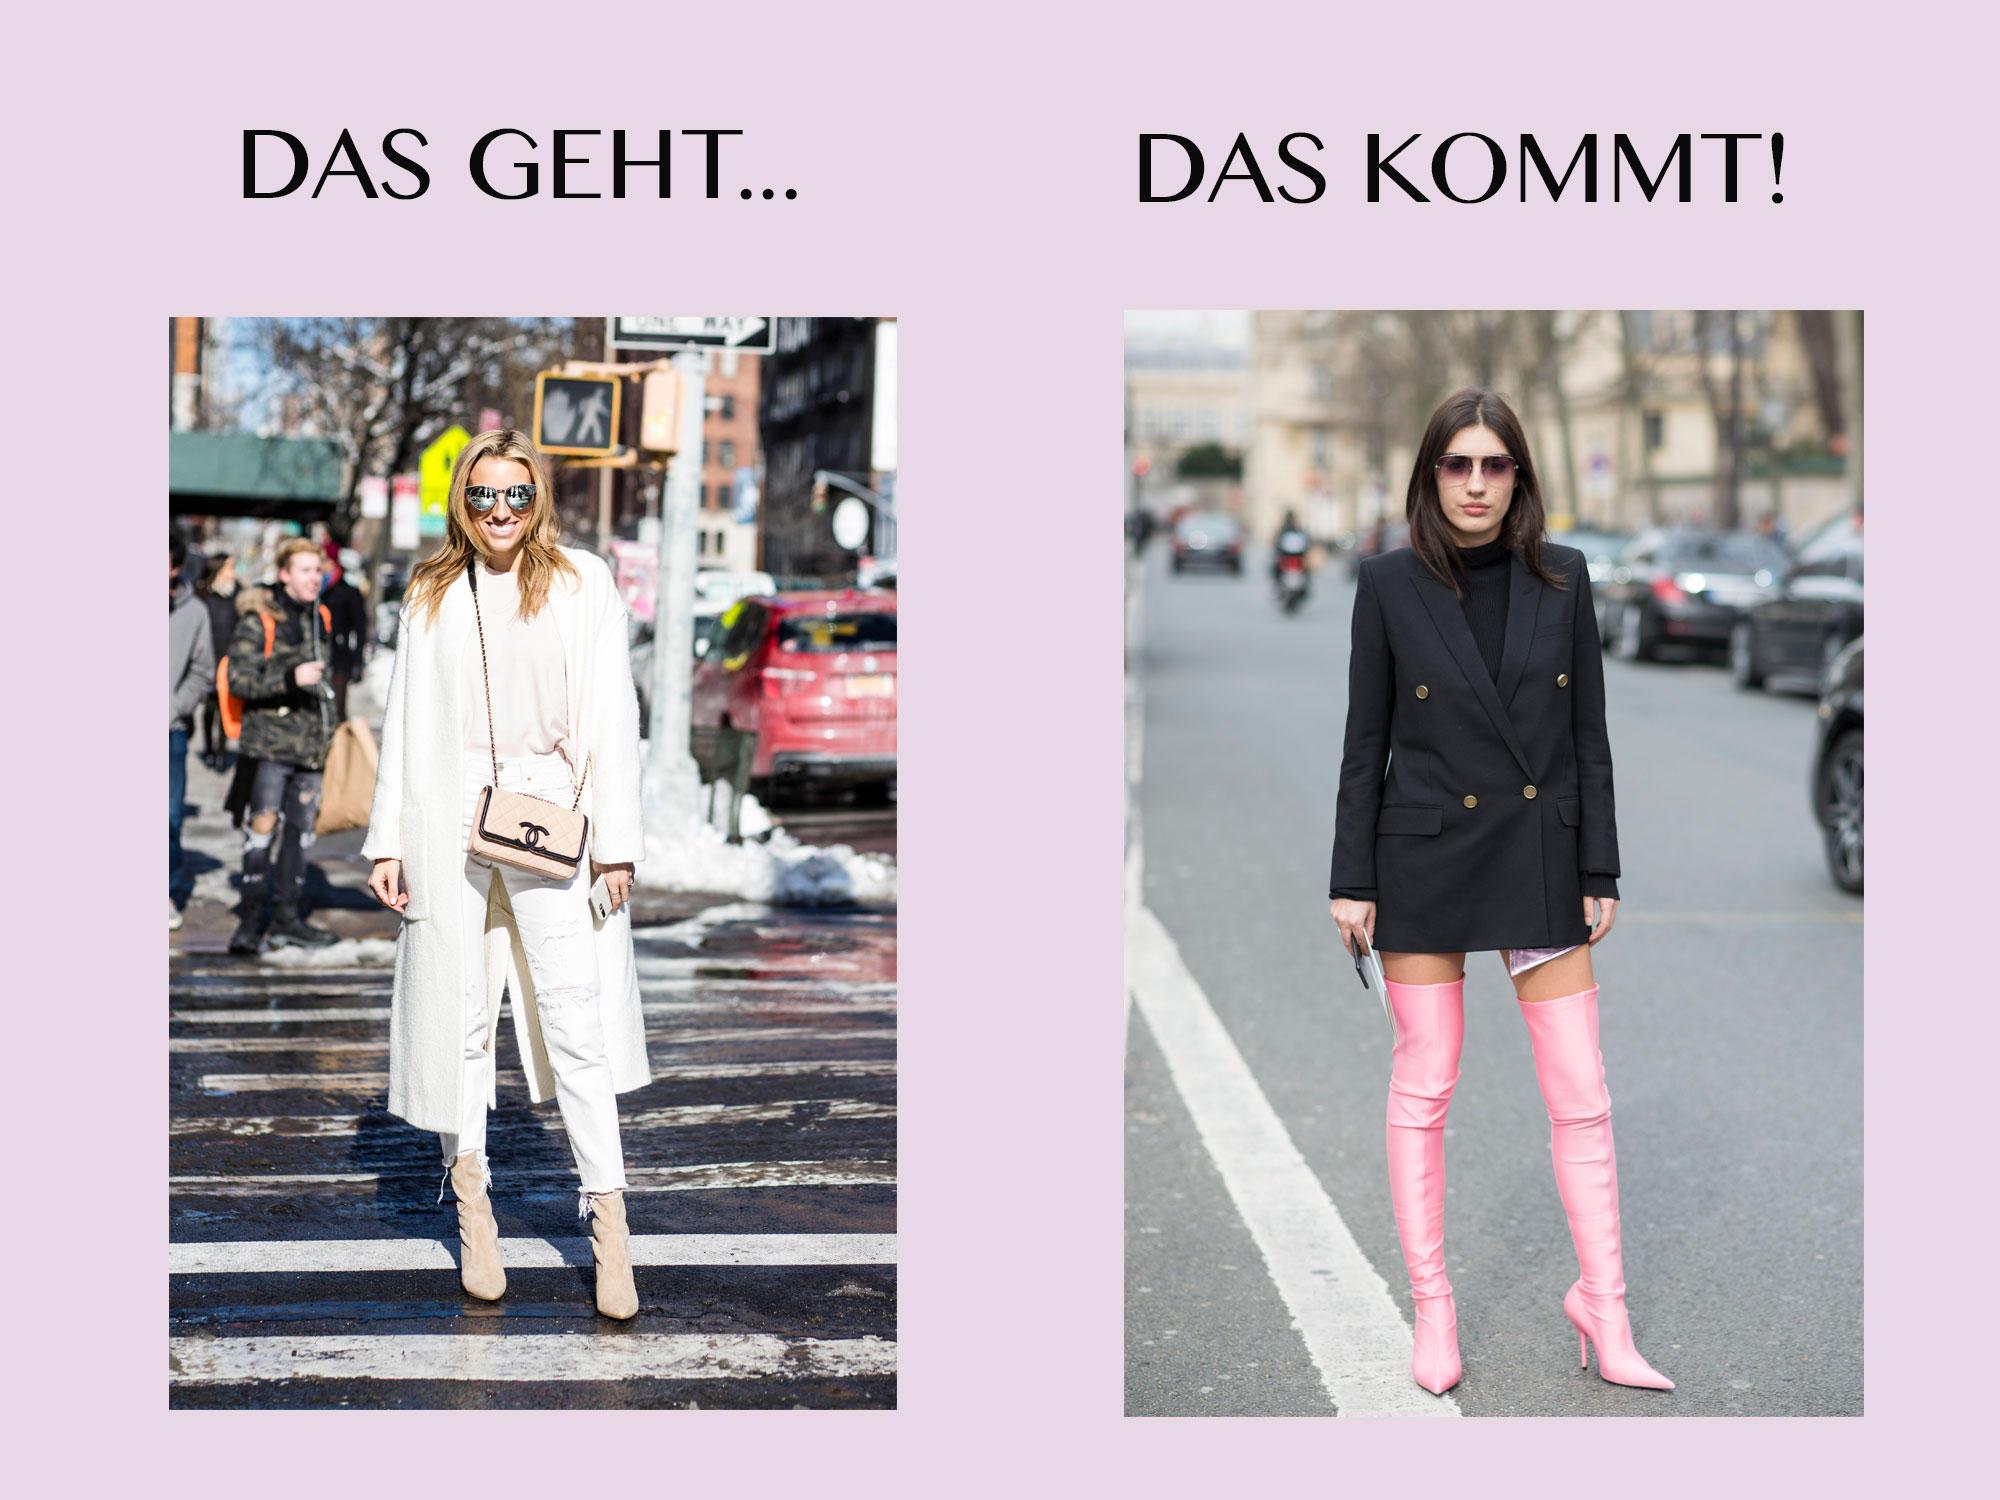 Bloggerin trägt Stiefellette links und rechts Overknees